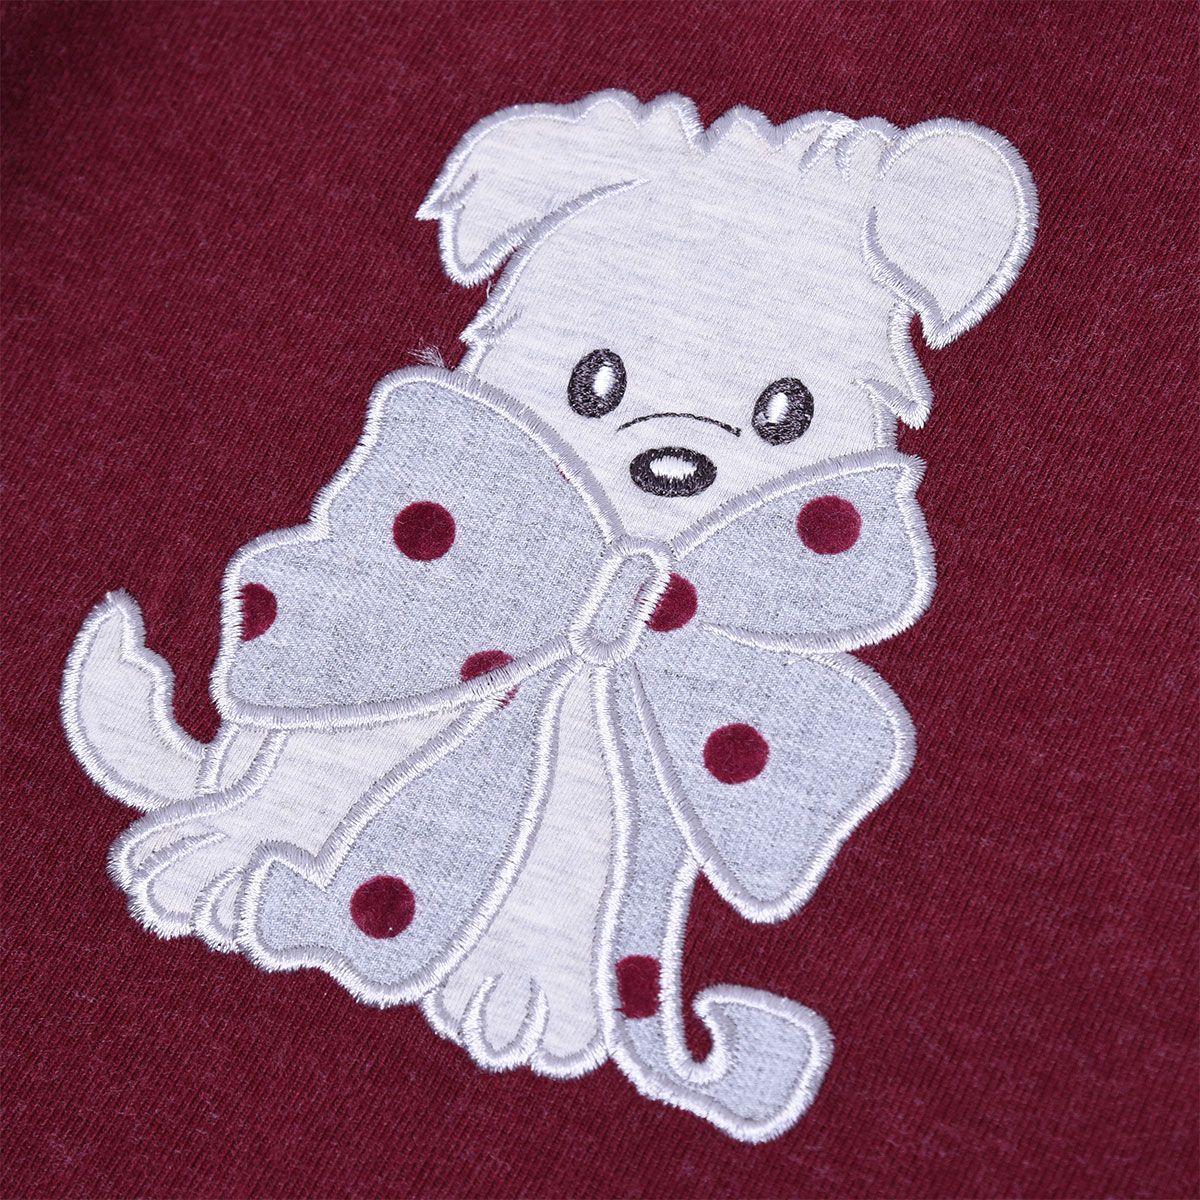 پیراهن دخترانه فیورلا مدل  خرس خالدار  کد 31515 -  - 5